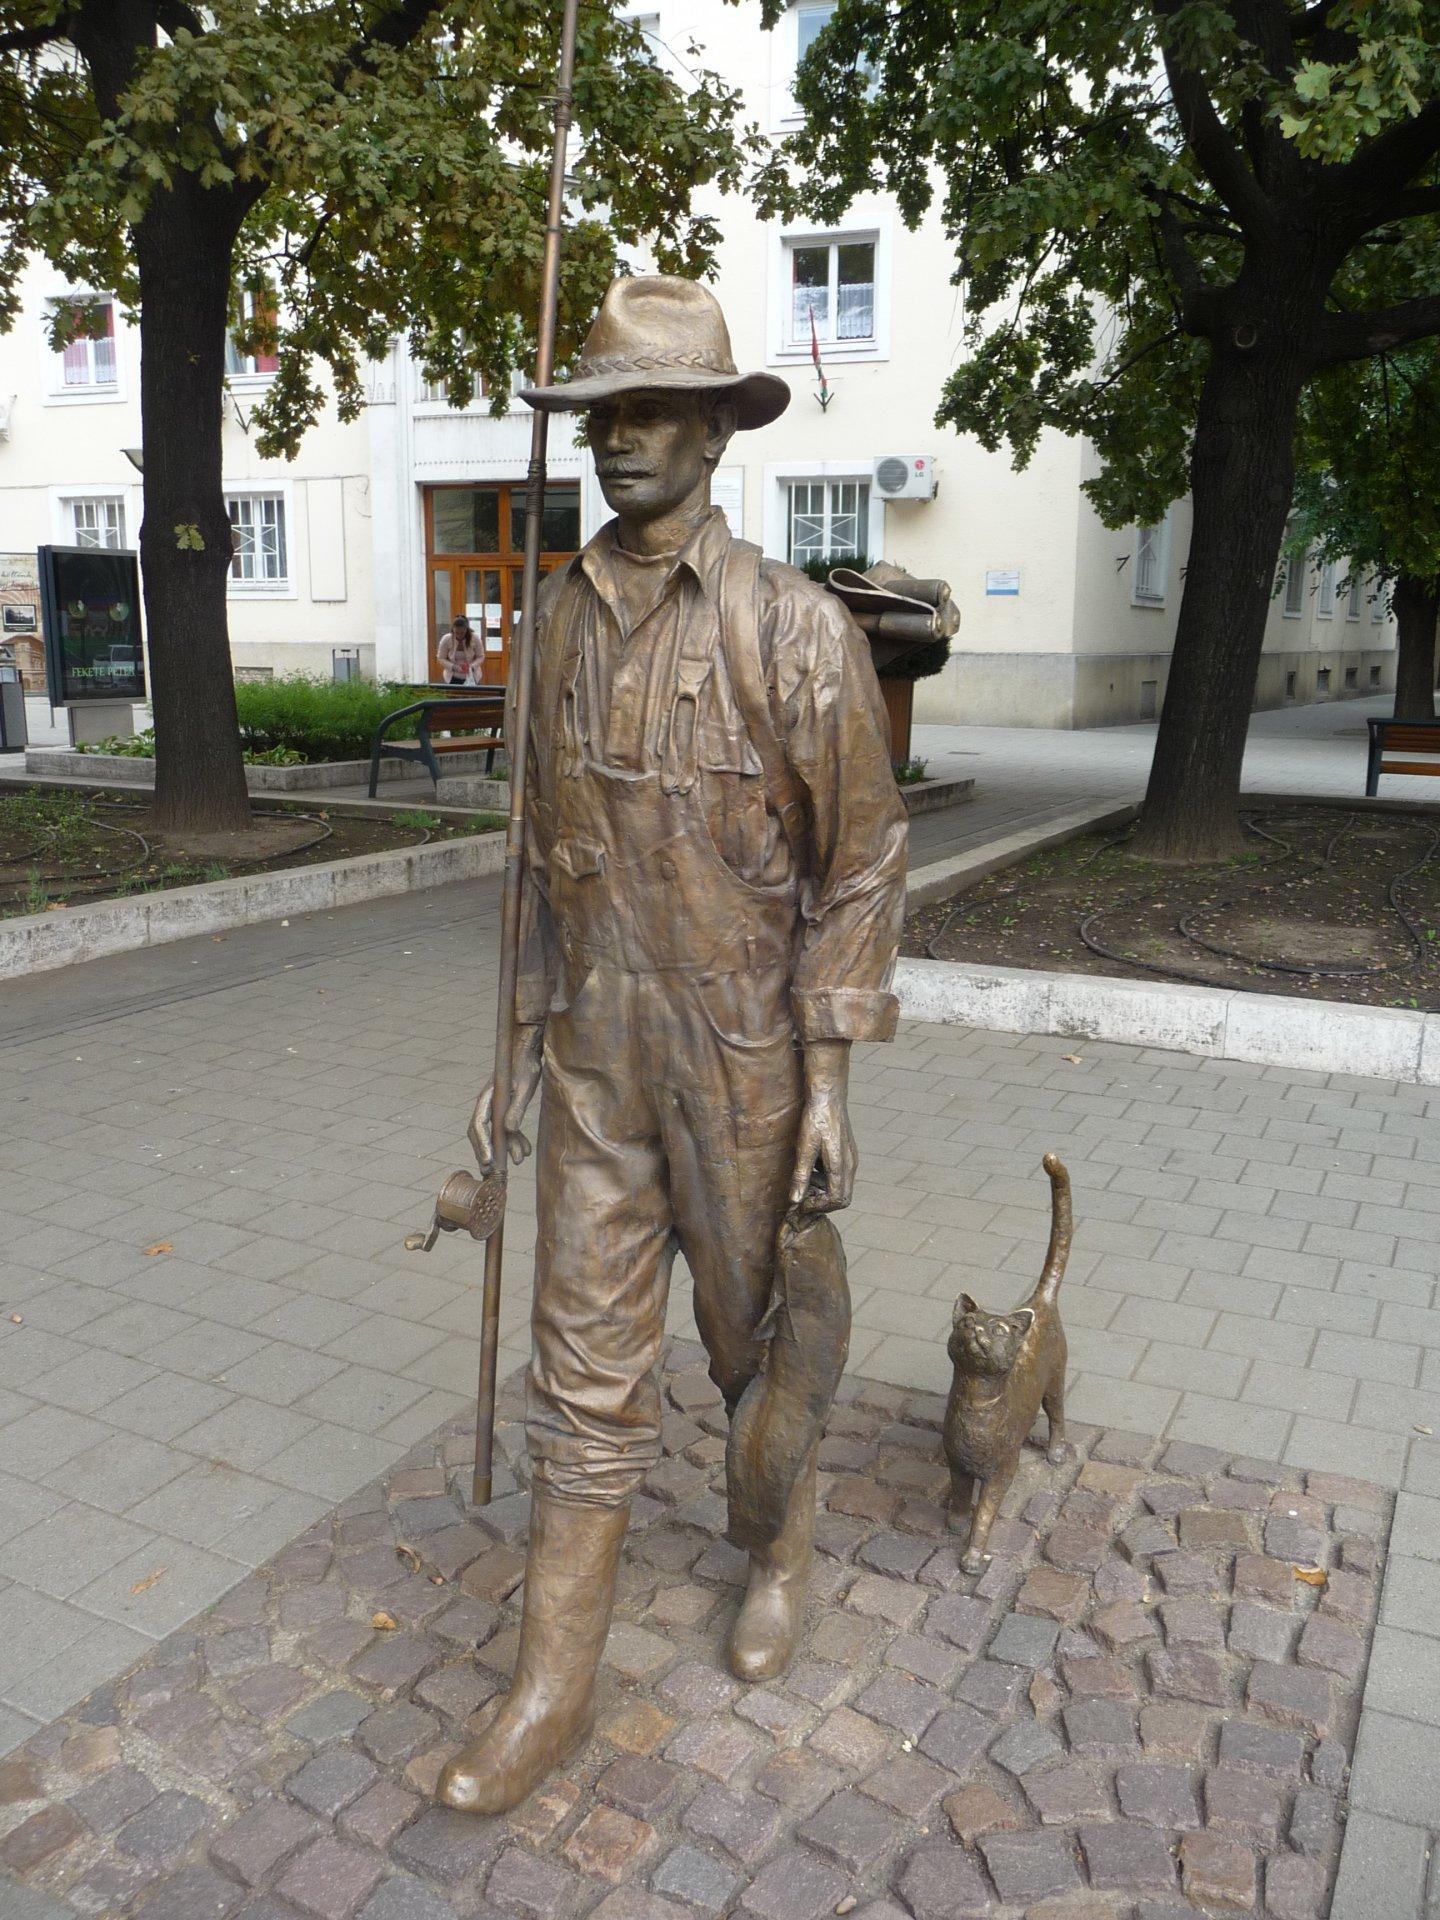 Szolnok, Bronzeskulptur Ficher